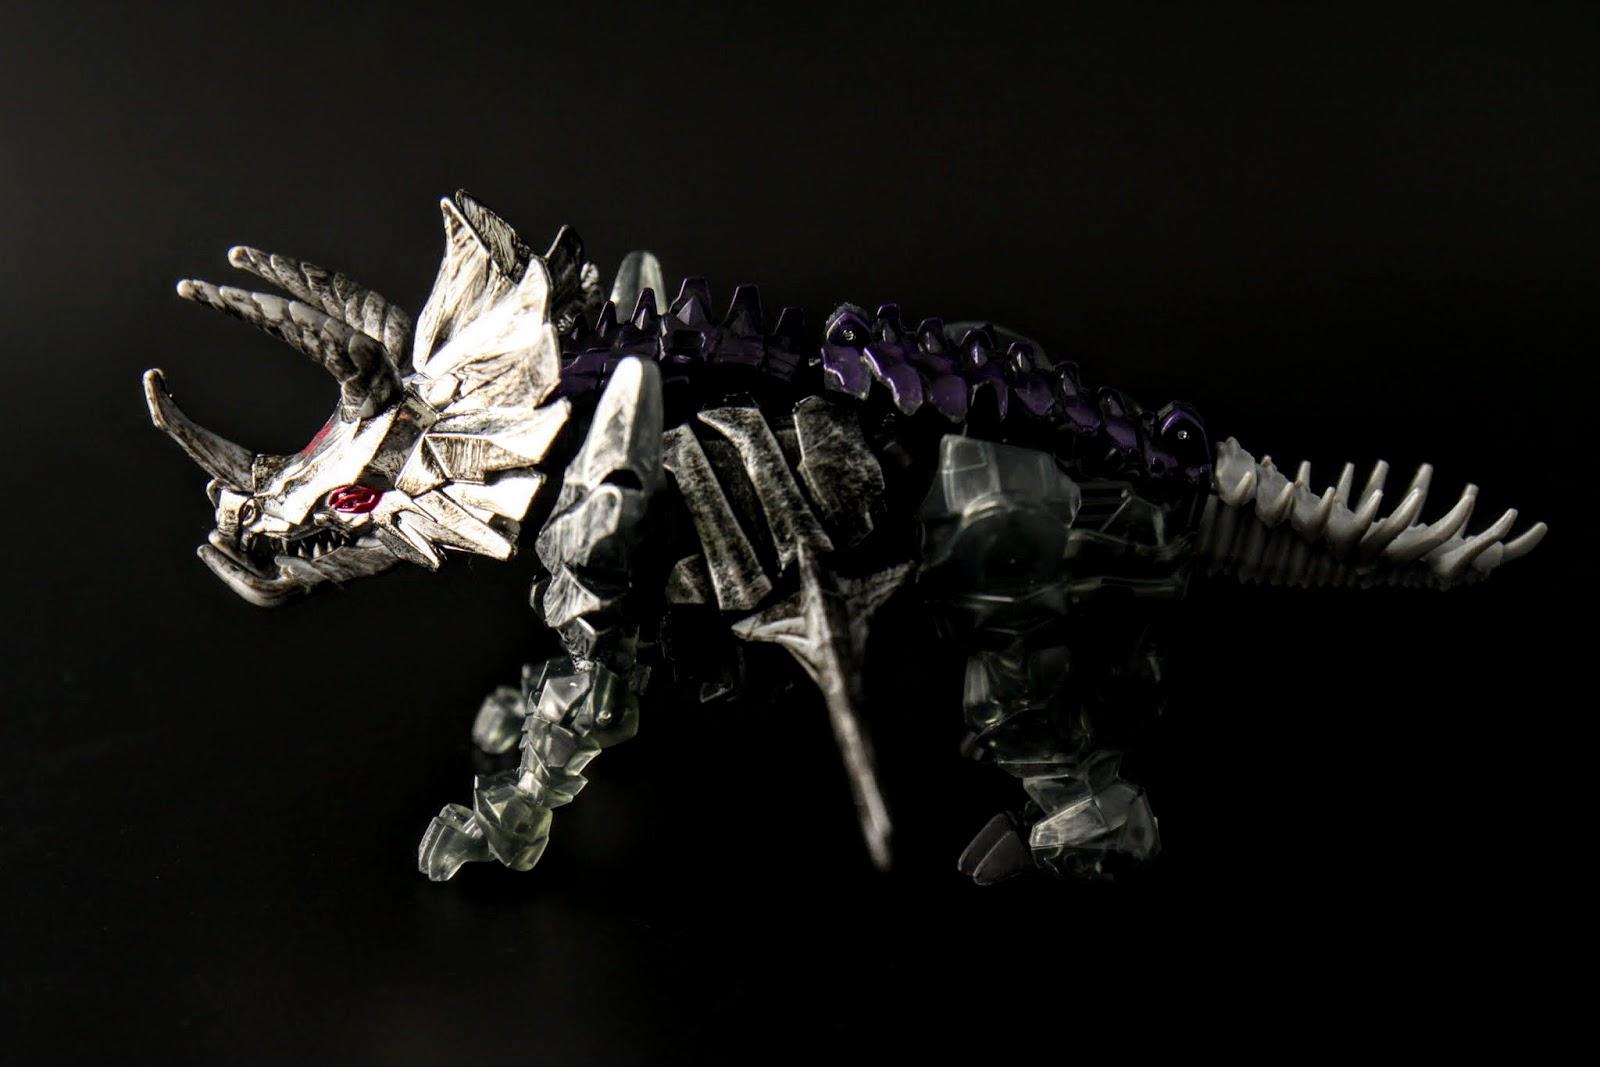 話說恐龍金剛的造型真的都算不賴,不過這隻是D級的